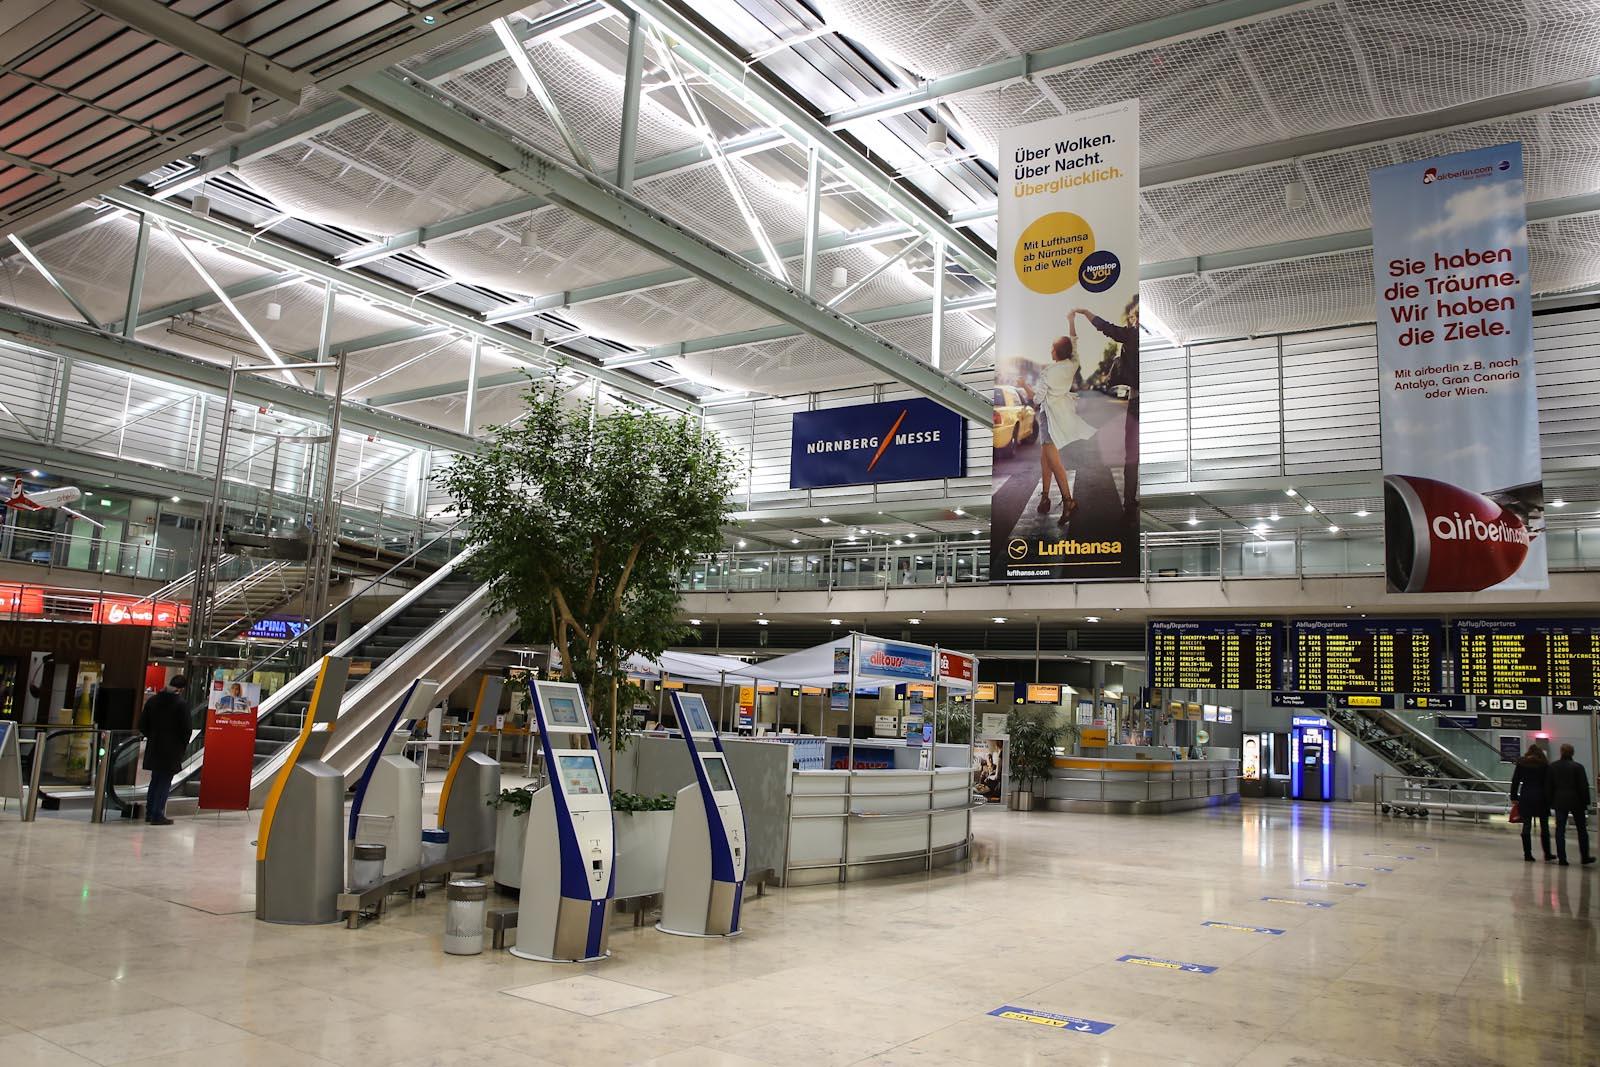 Общий зал в аэровокзале аэропорта Нюрнберг